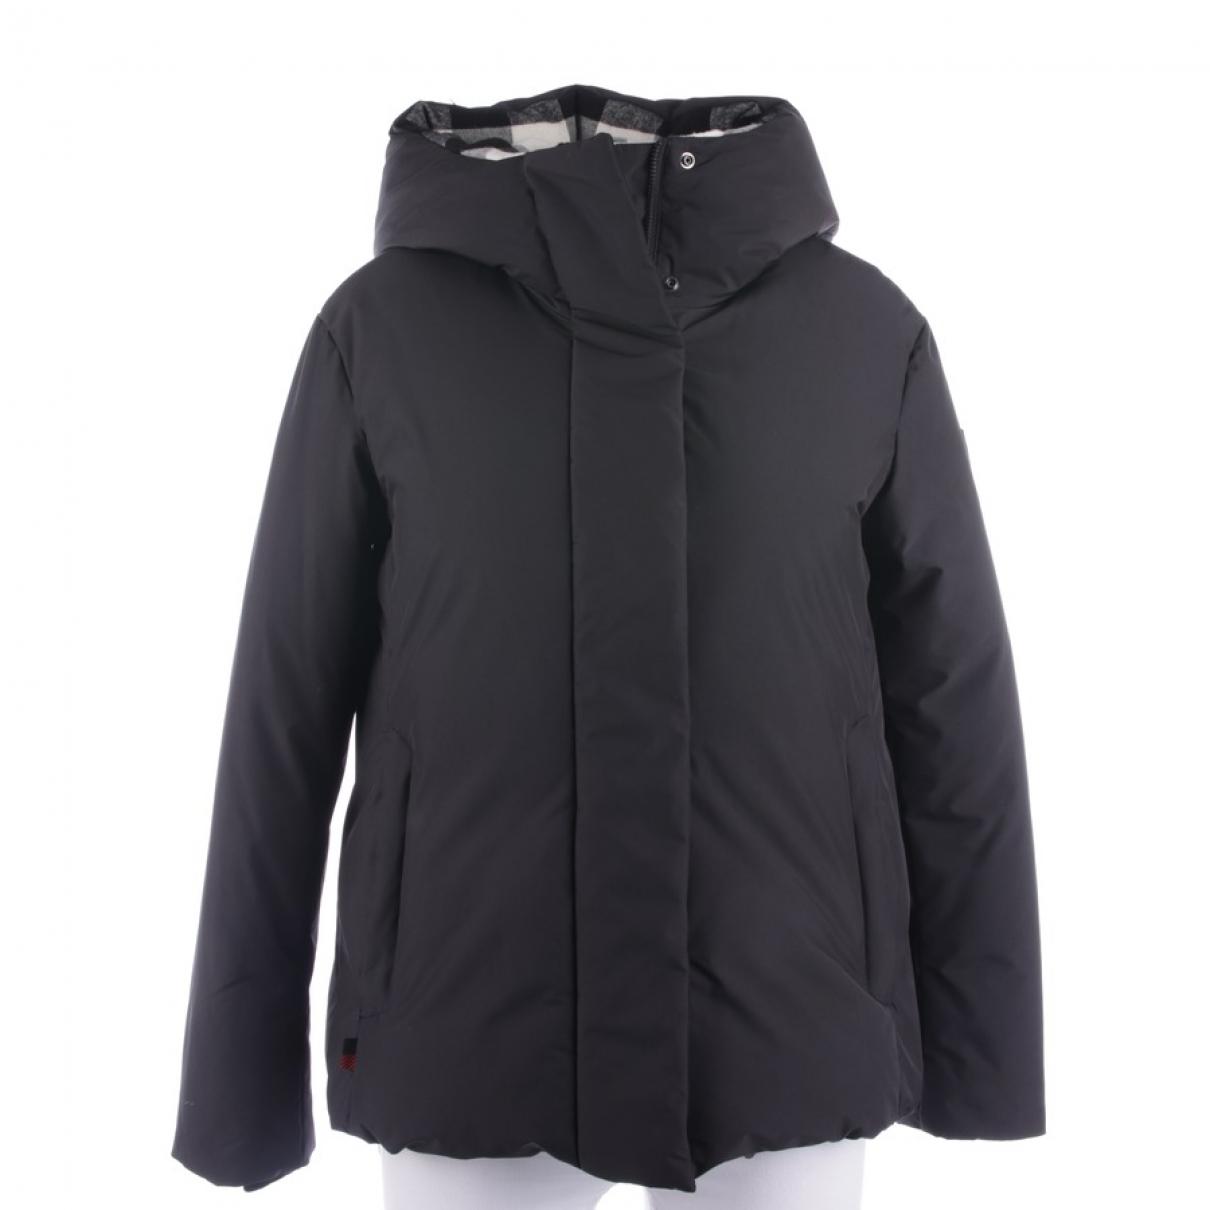 Woolrich \N Black coat for Women 34 FR